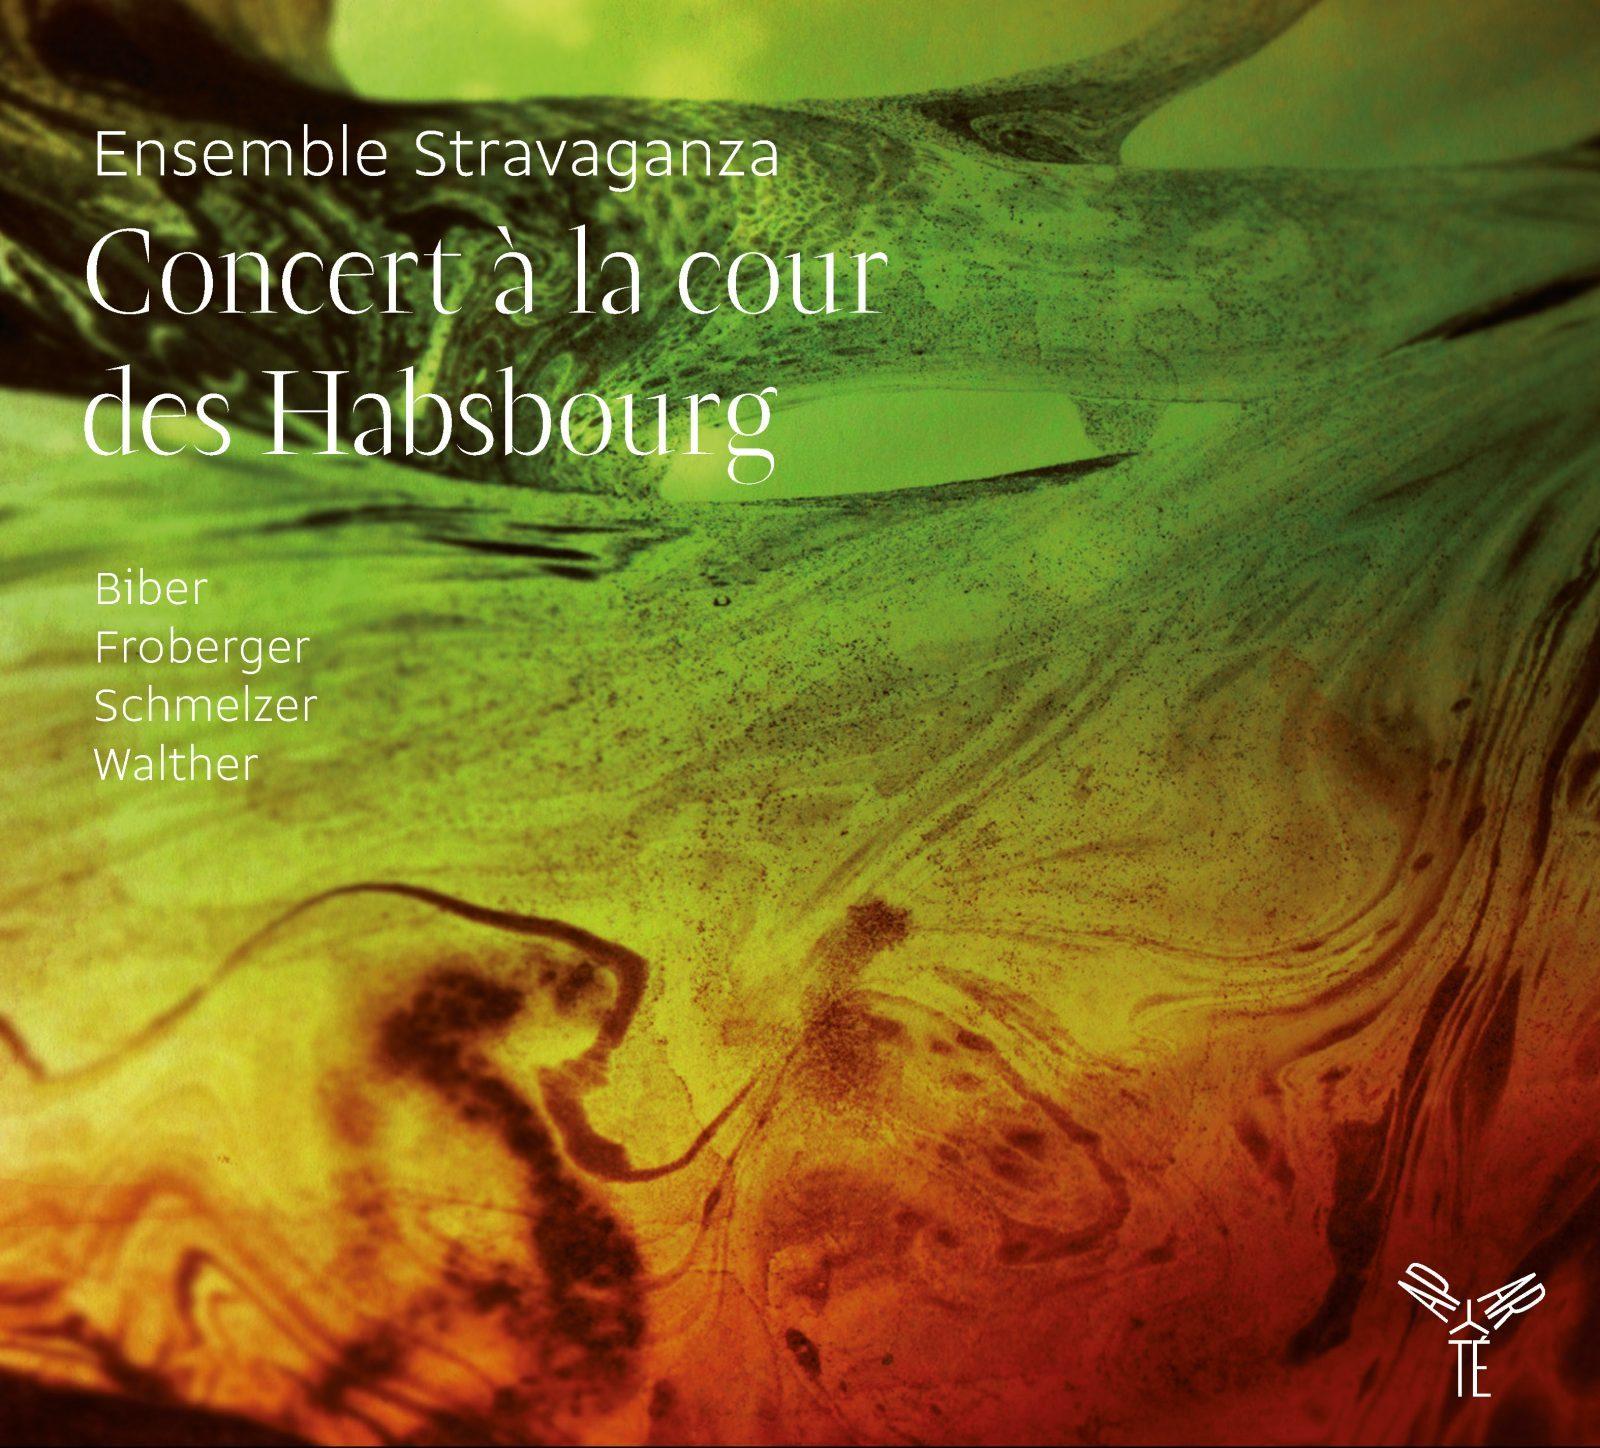 Concert à la cour des Hasbourg